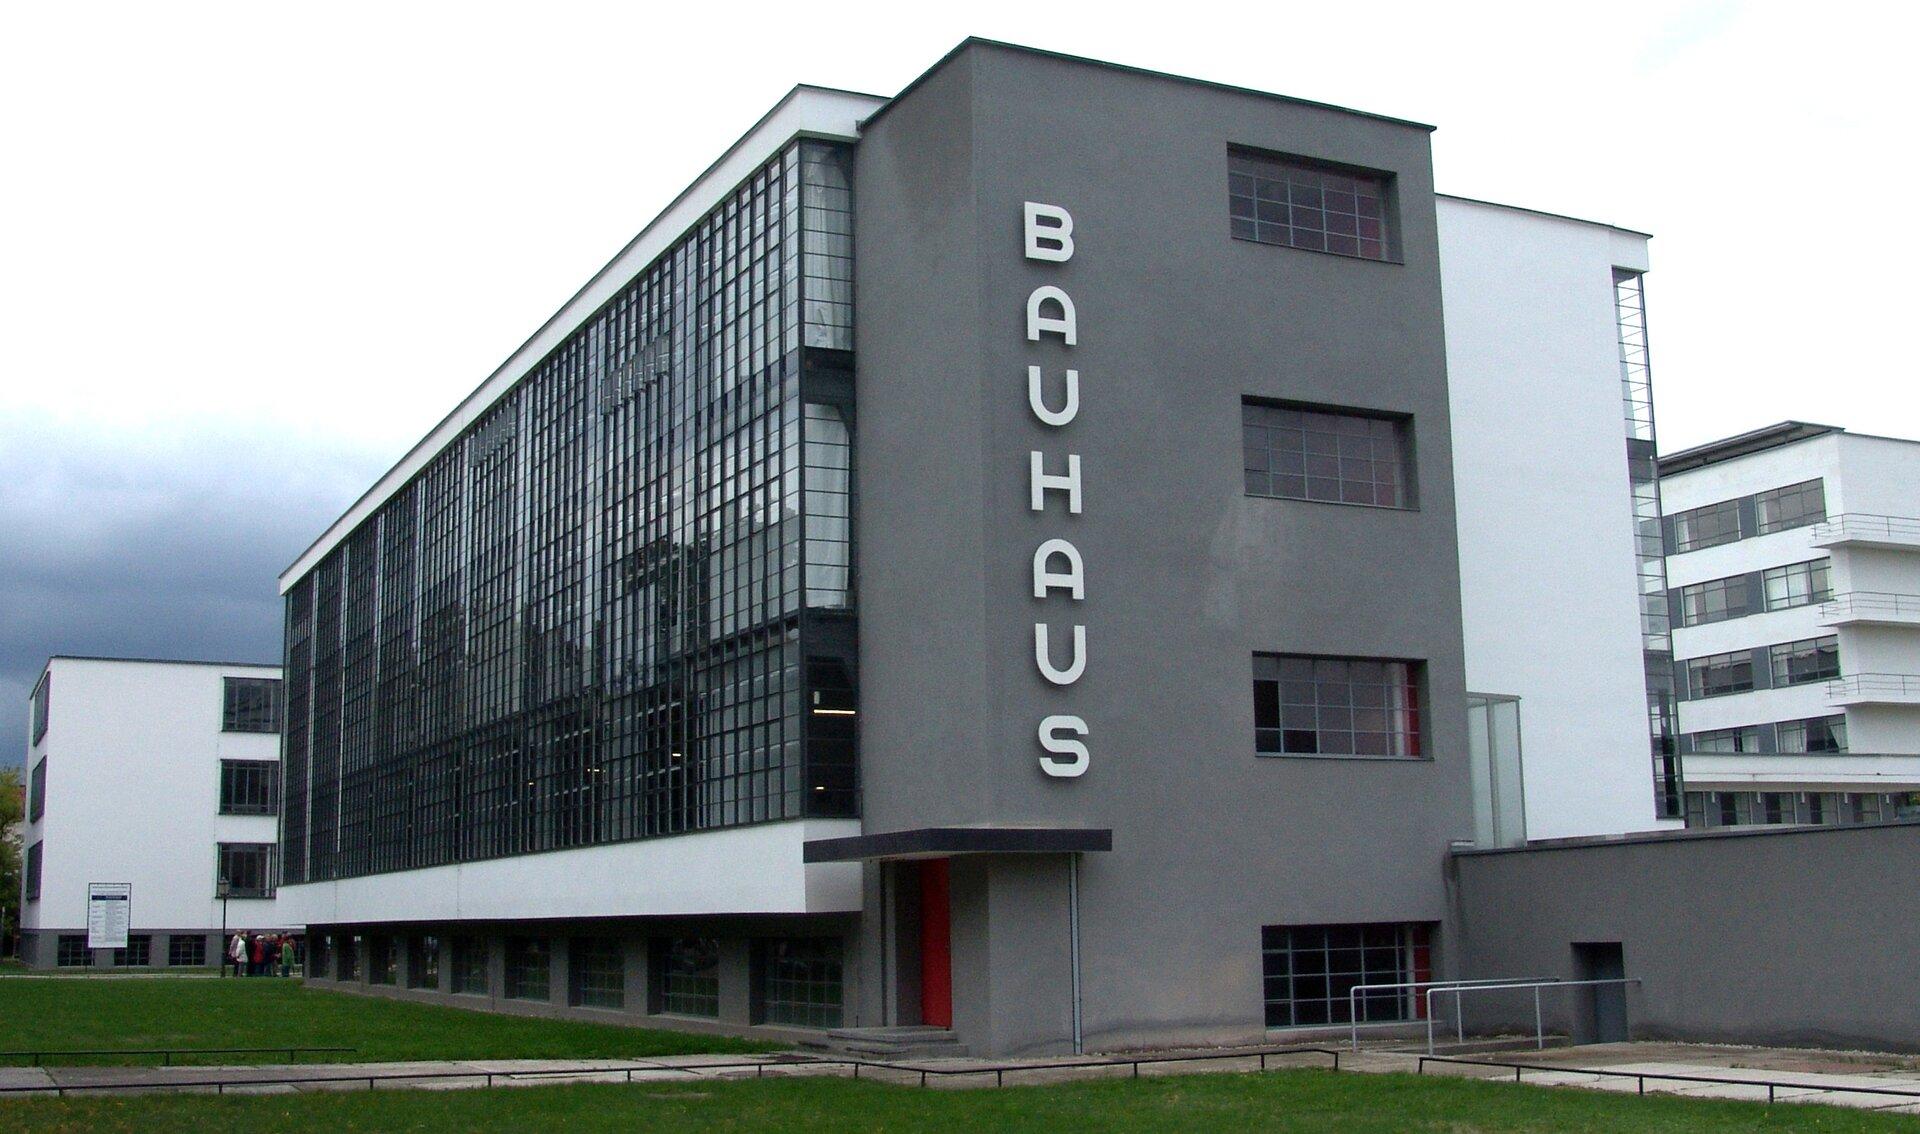 Drugasiedziba Bauhausu wDessau Drugasiedziba Bauhausu wDessau Źródło: Walter Gropius, 1925–1926, licencja: CC BY-SA 3.0.